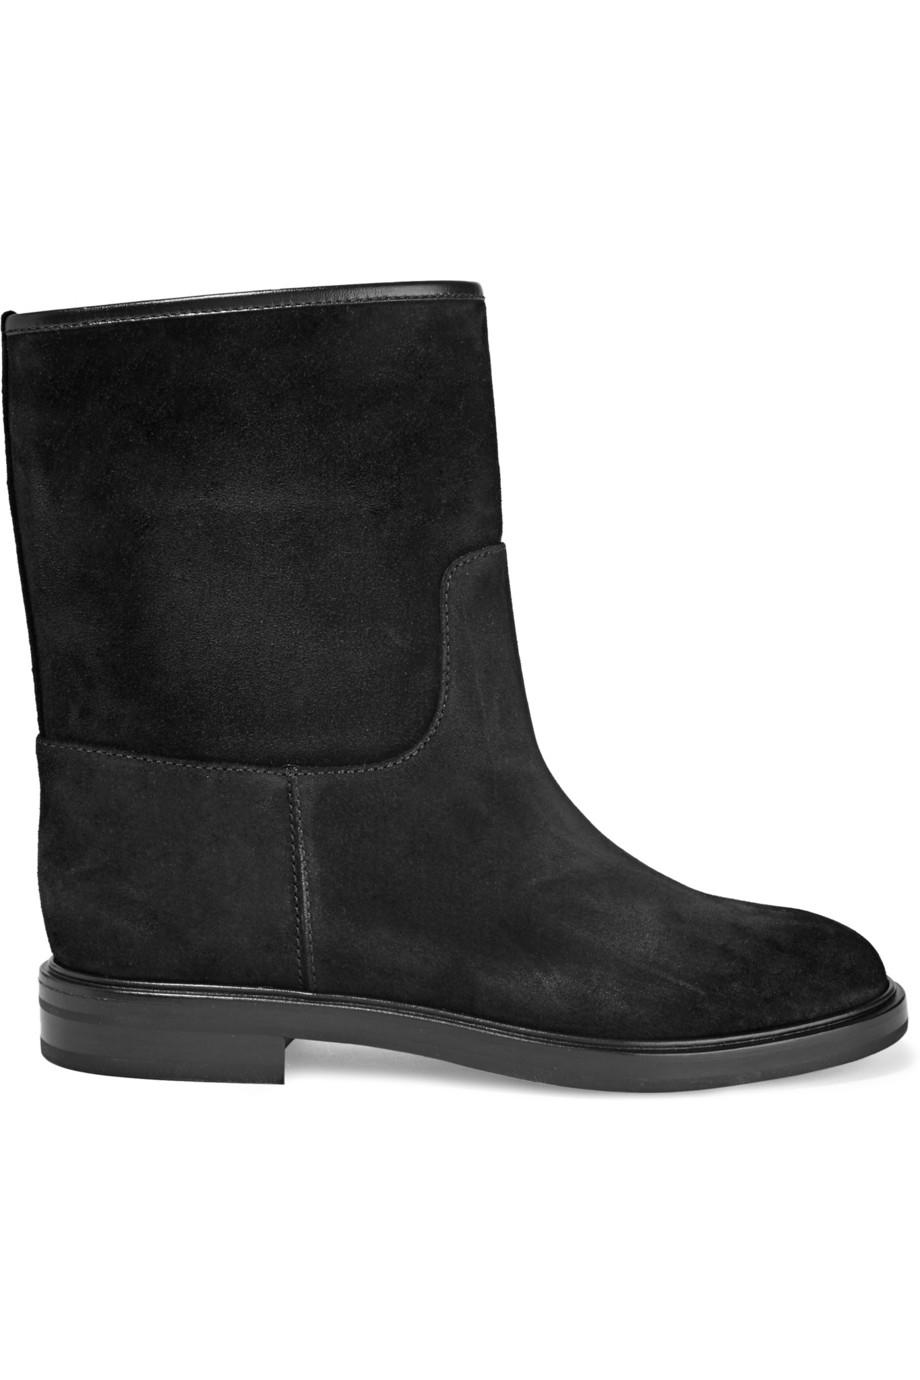 Casadei Suede Boots in Black